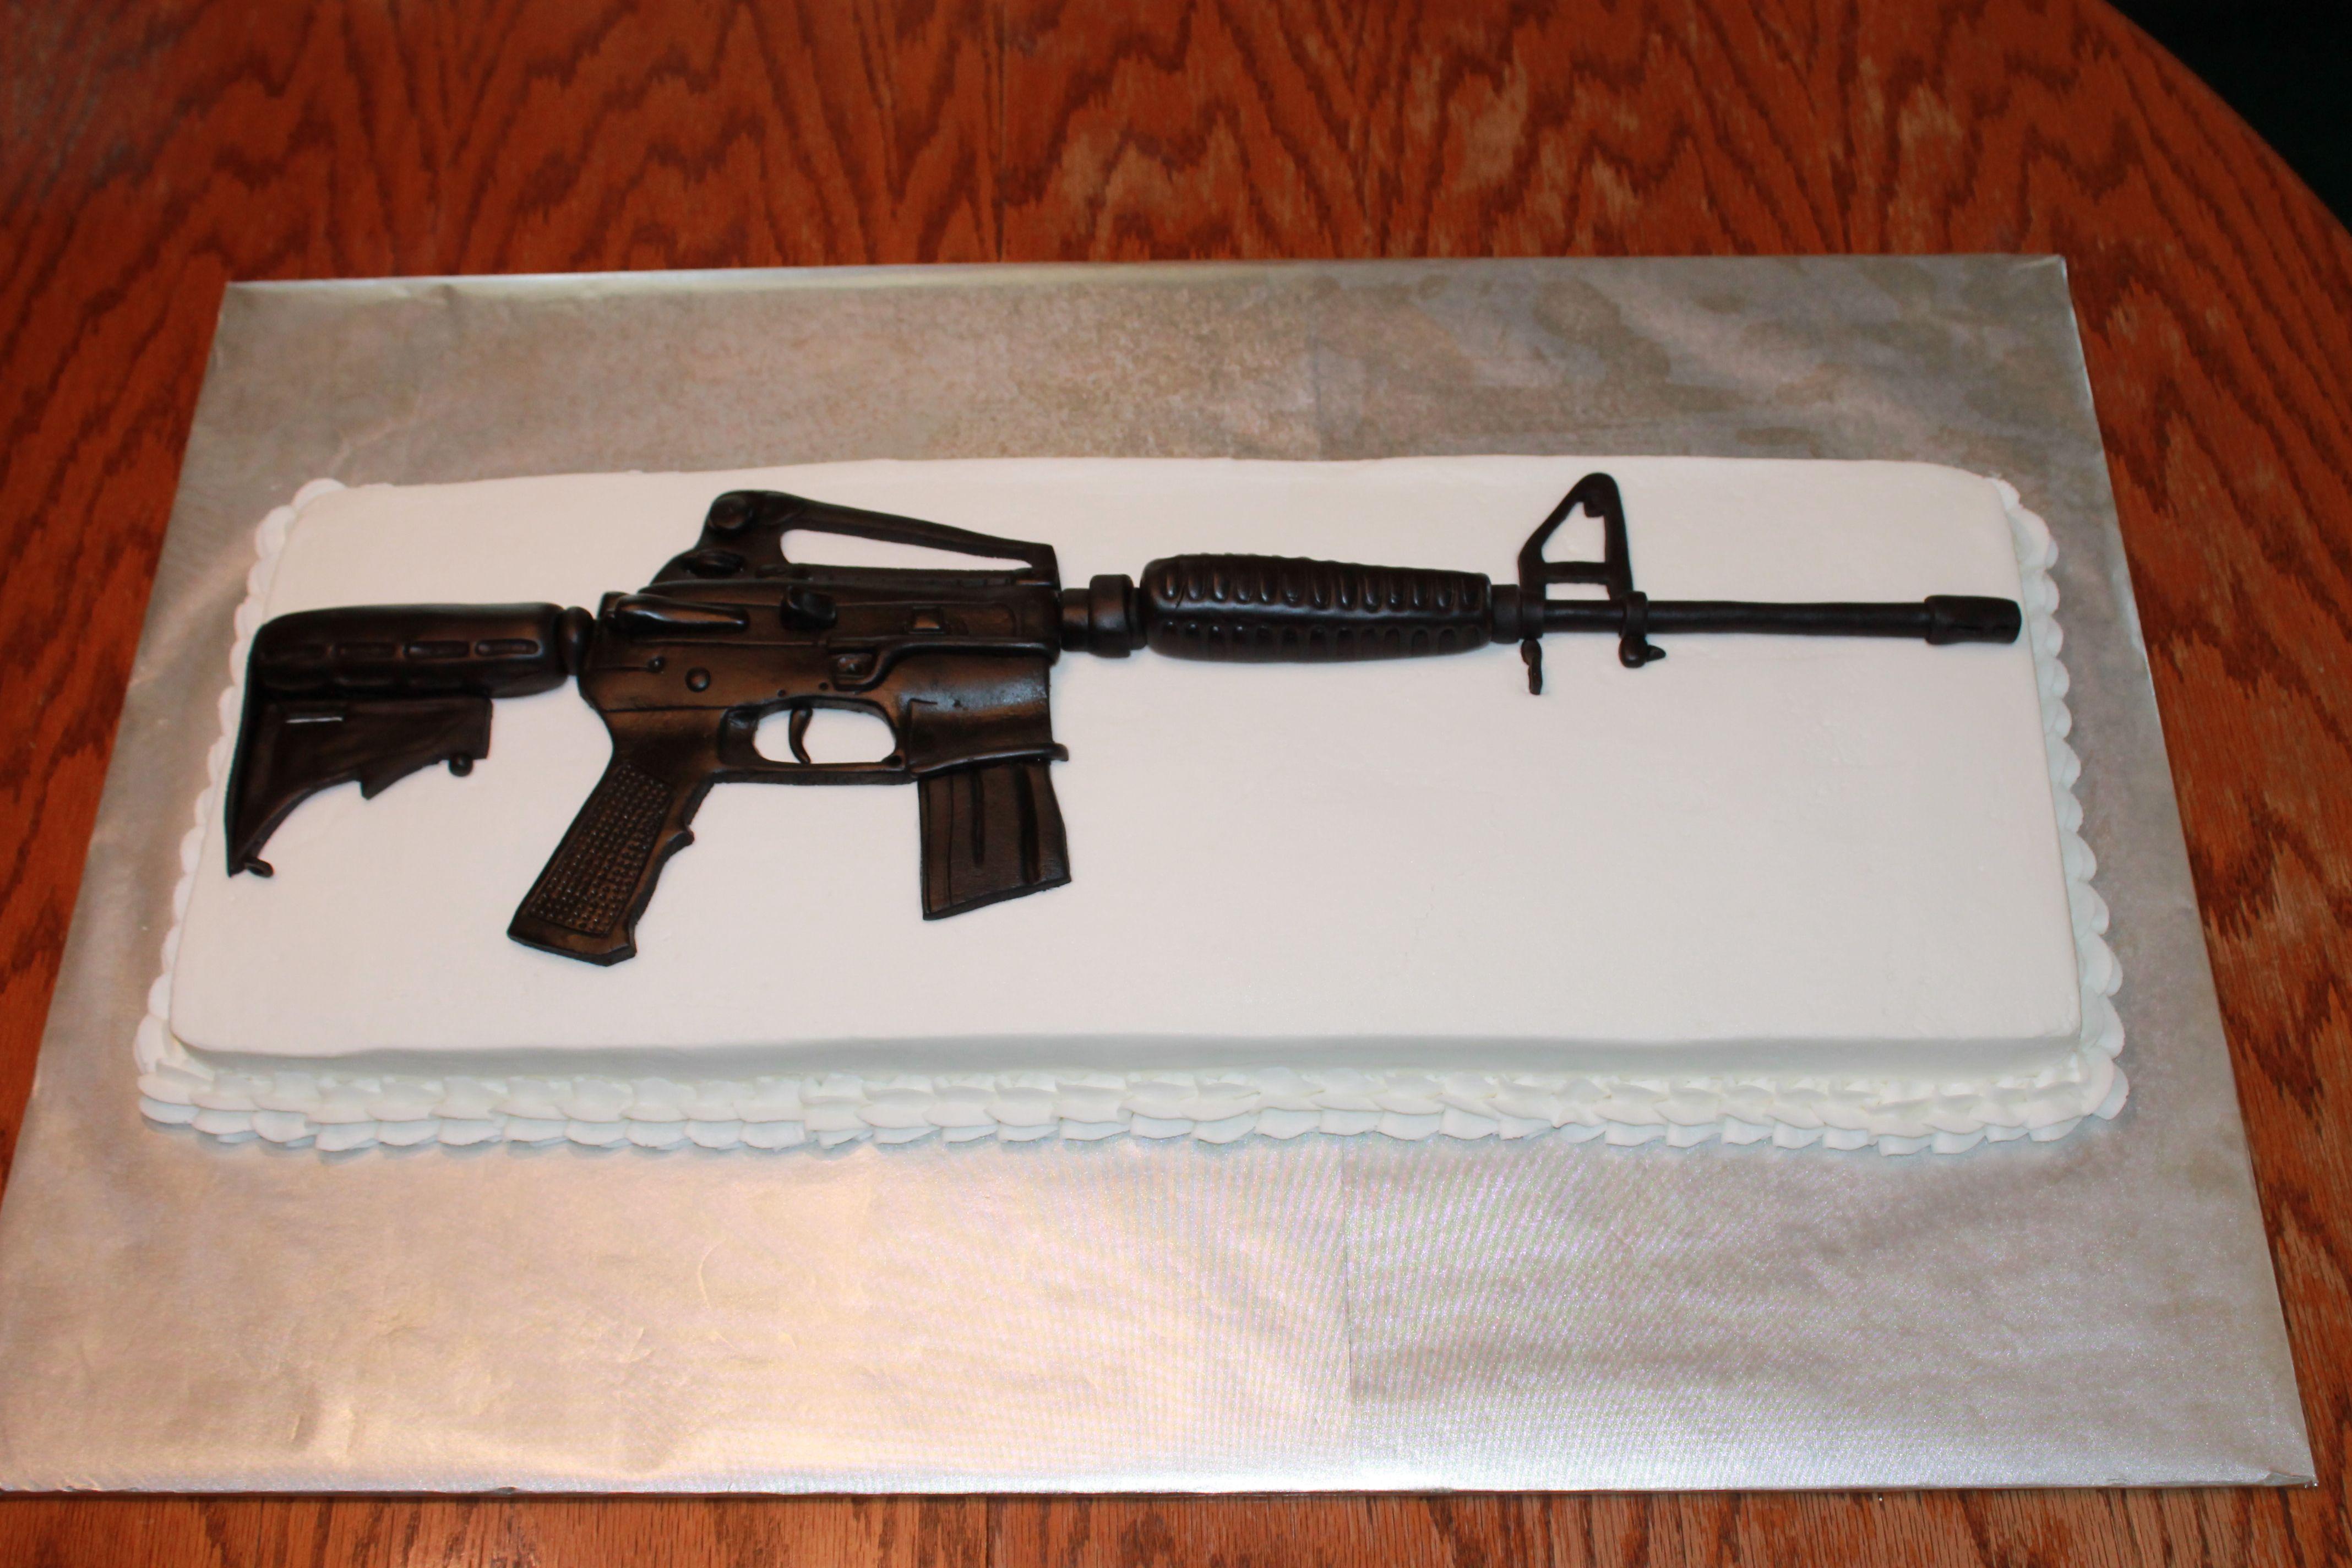 gun shaped birthday cakes